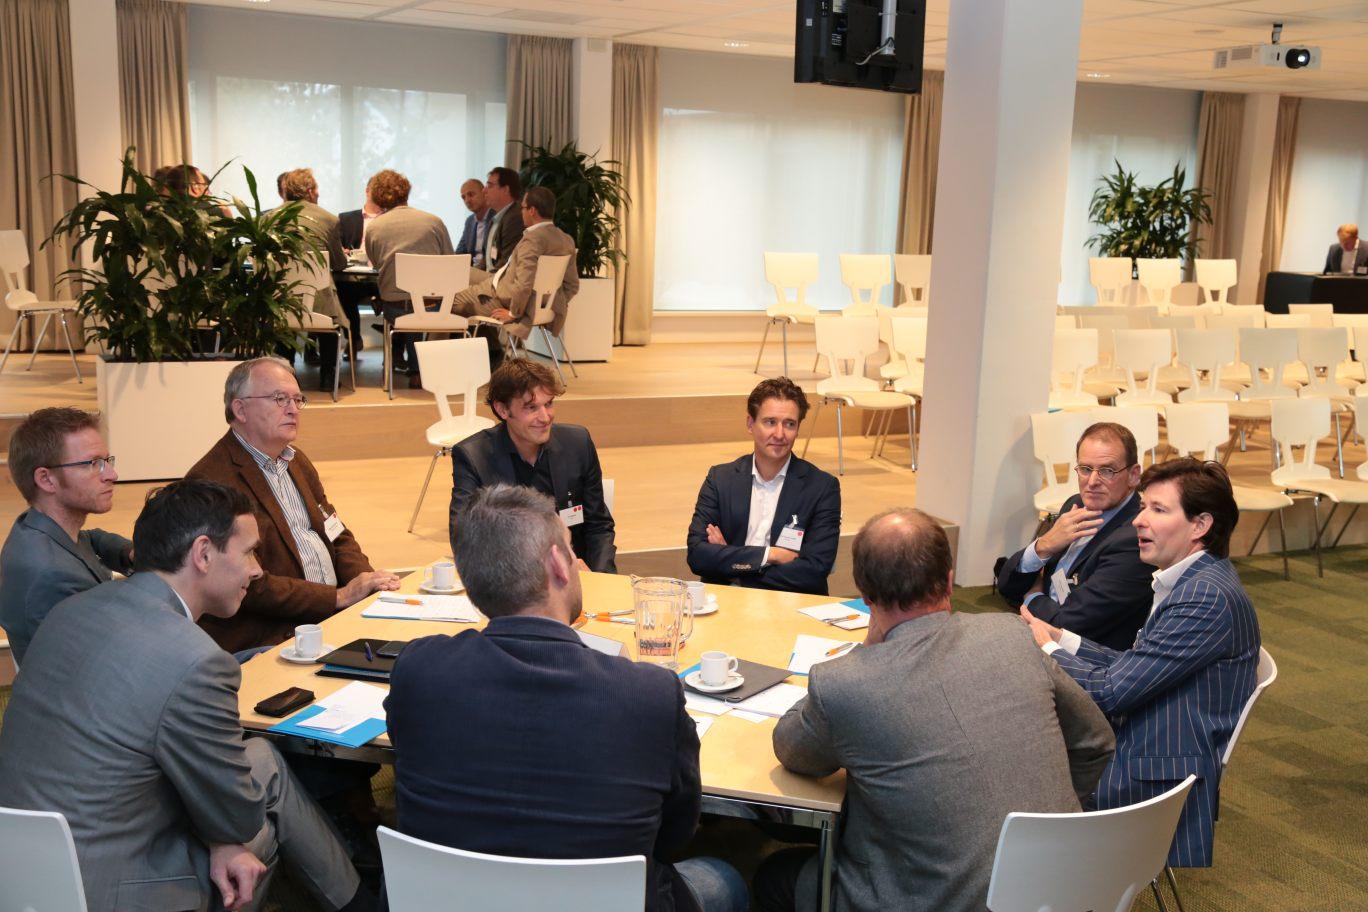 congres flexibiliteit industrie en energienetwerkbedrijven_IMG_0873